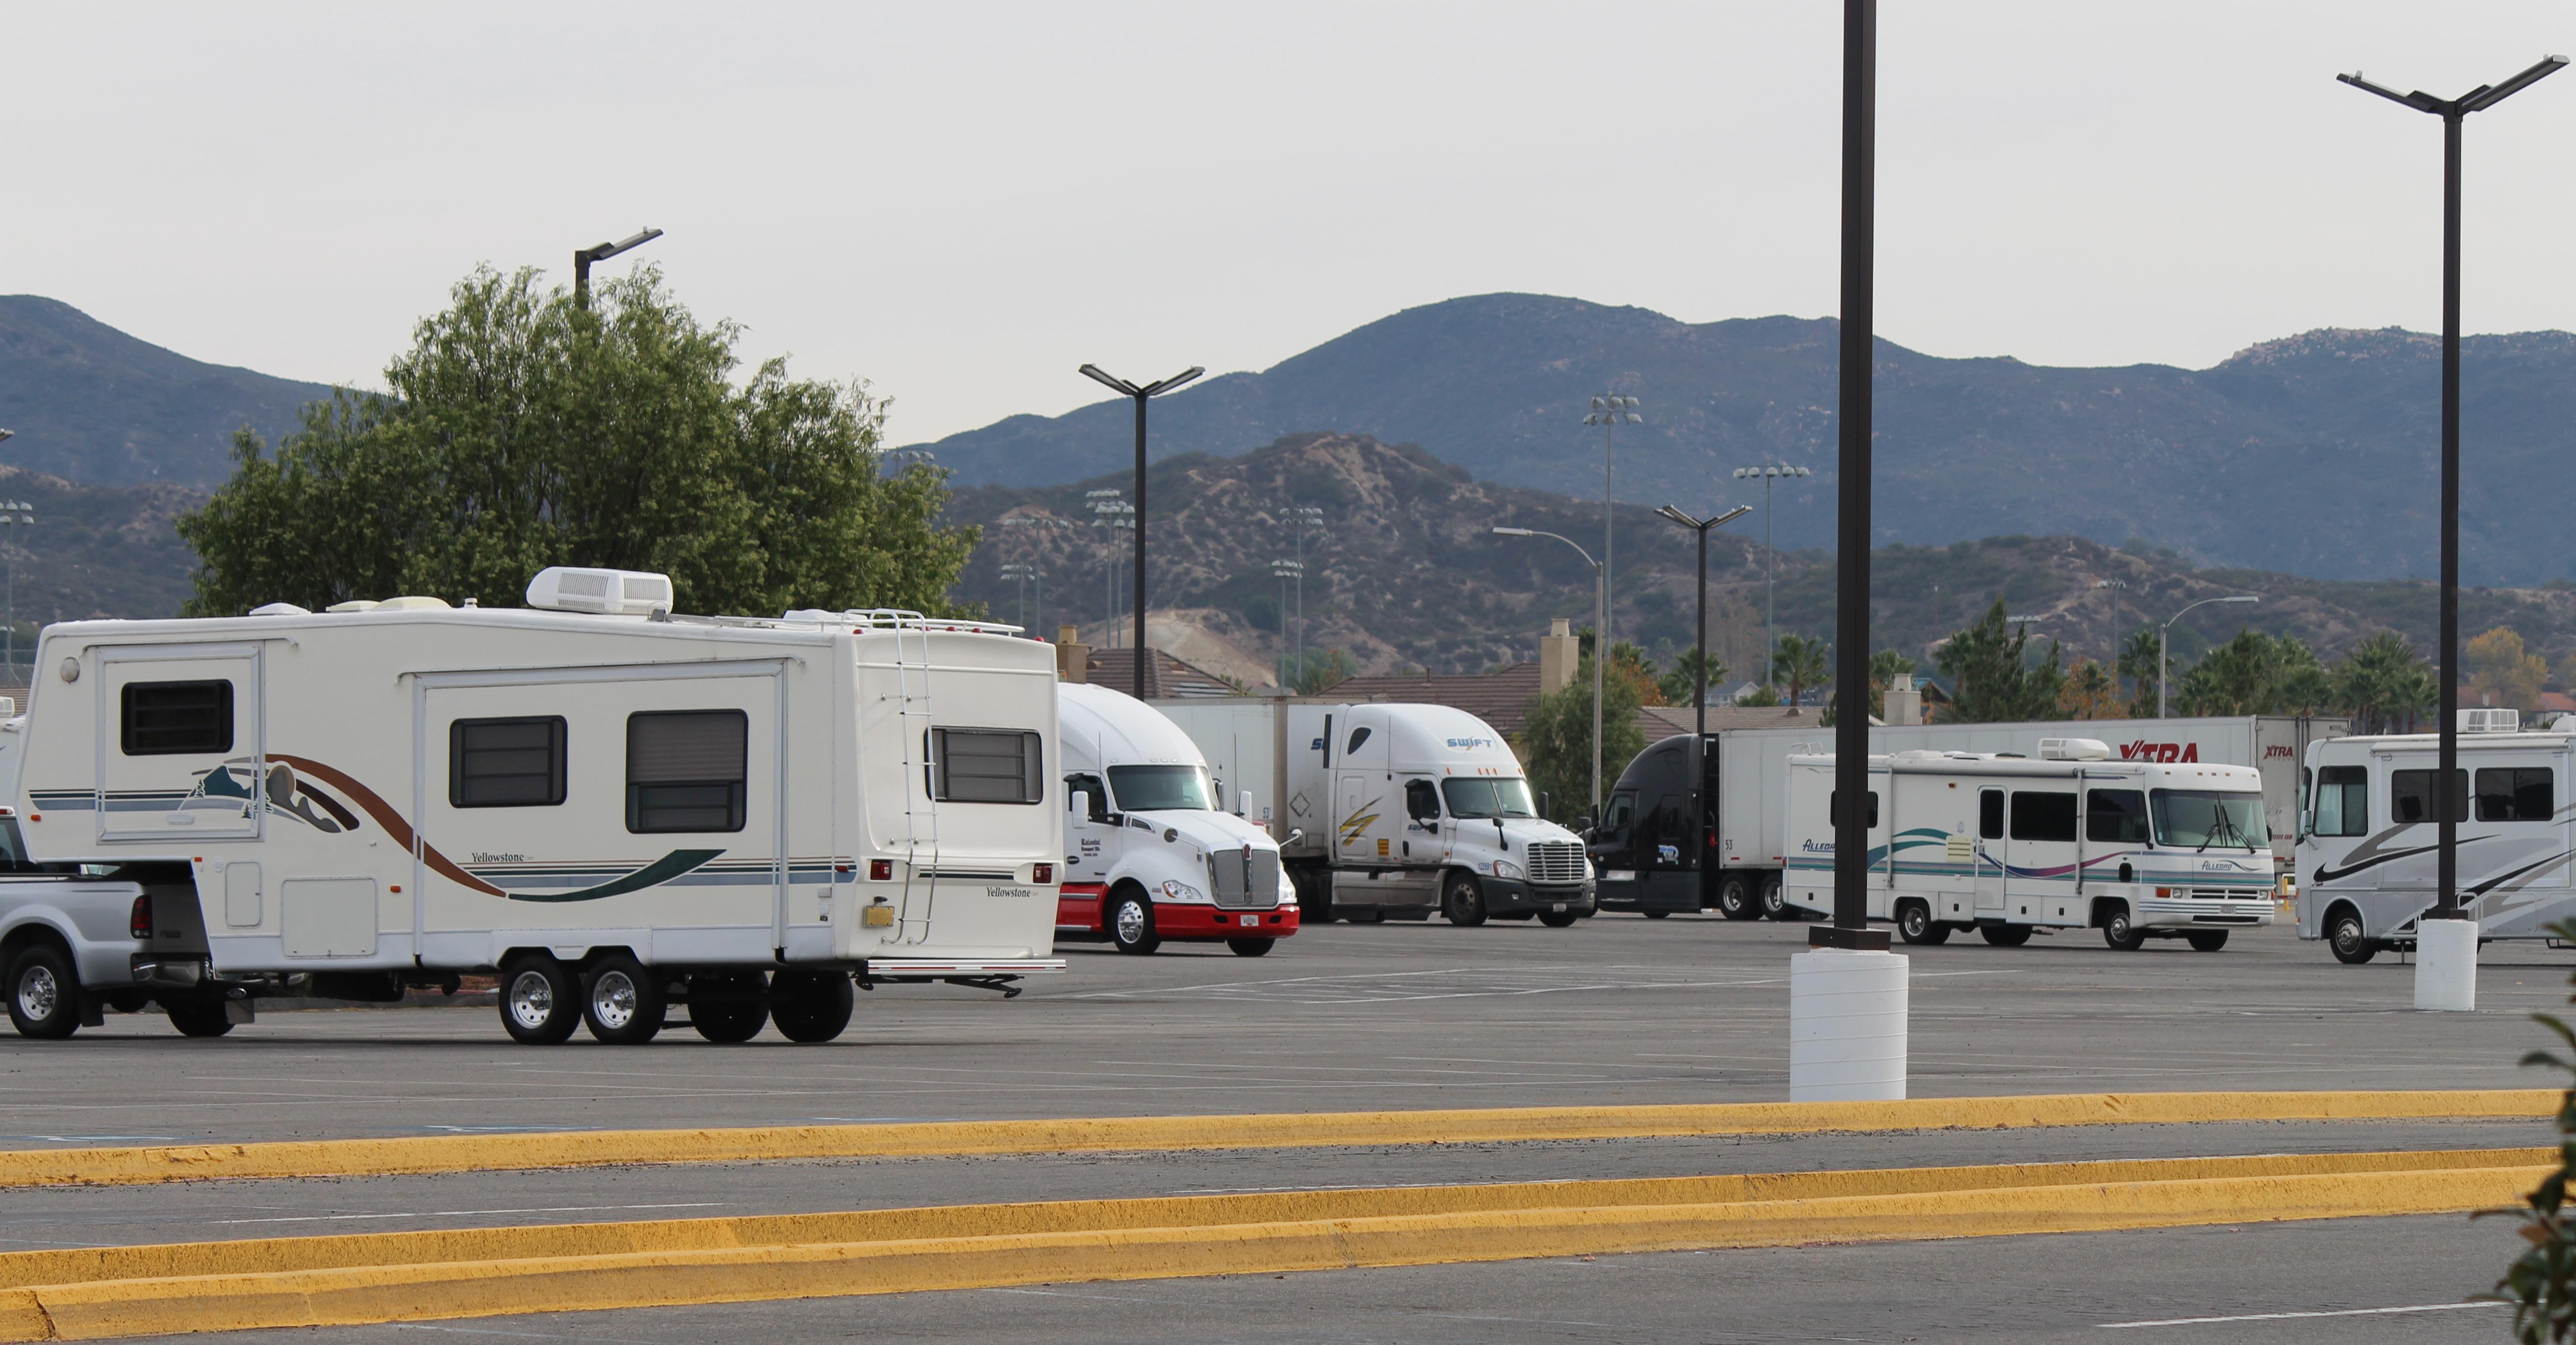 Pechanga casino camping